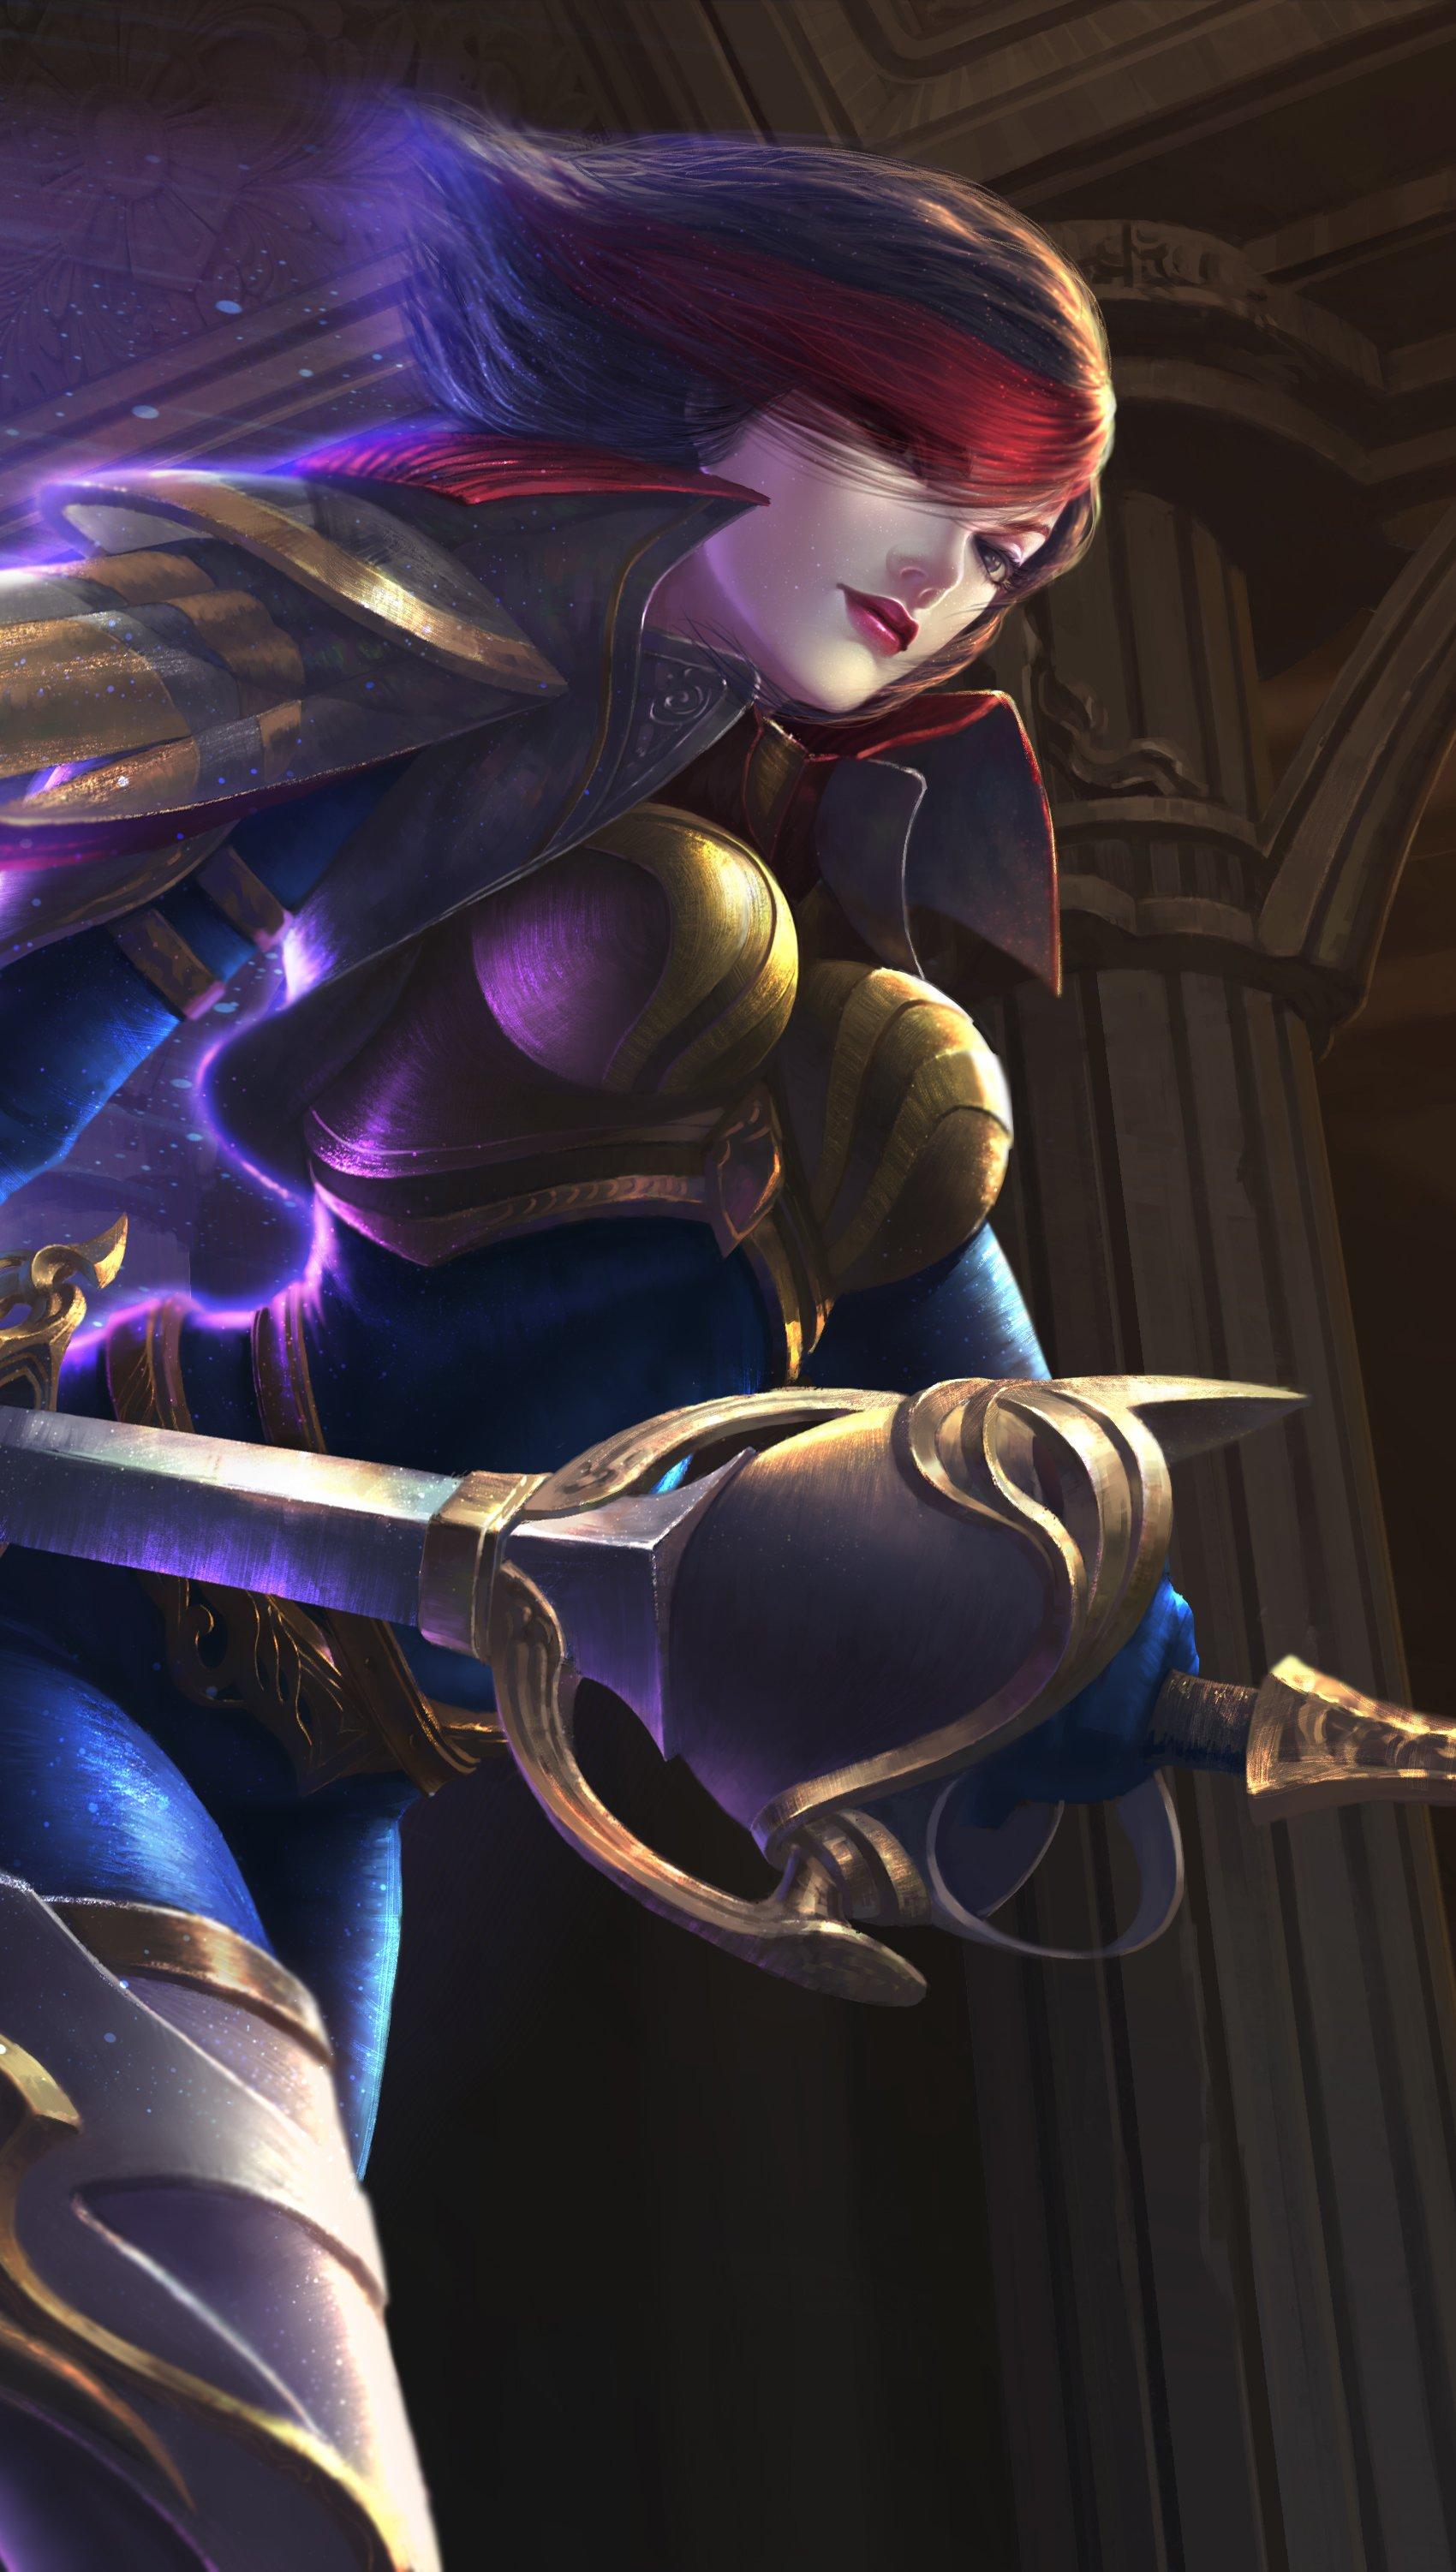 Wallpaper Fiora League Of Legends Vertical